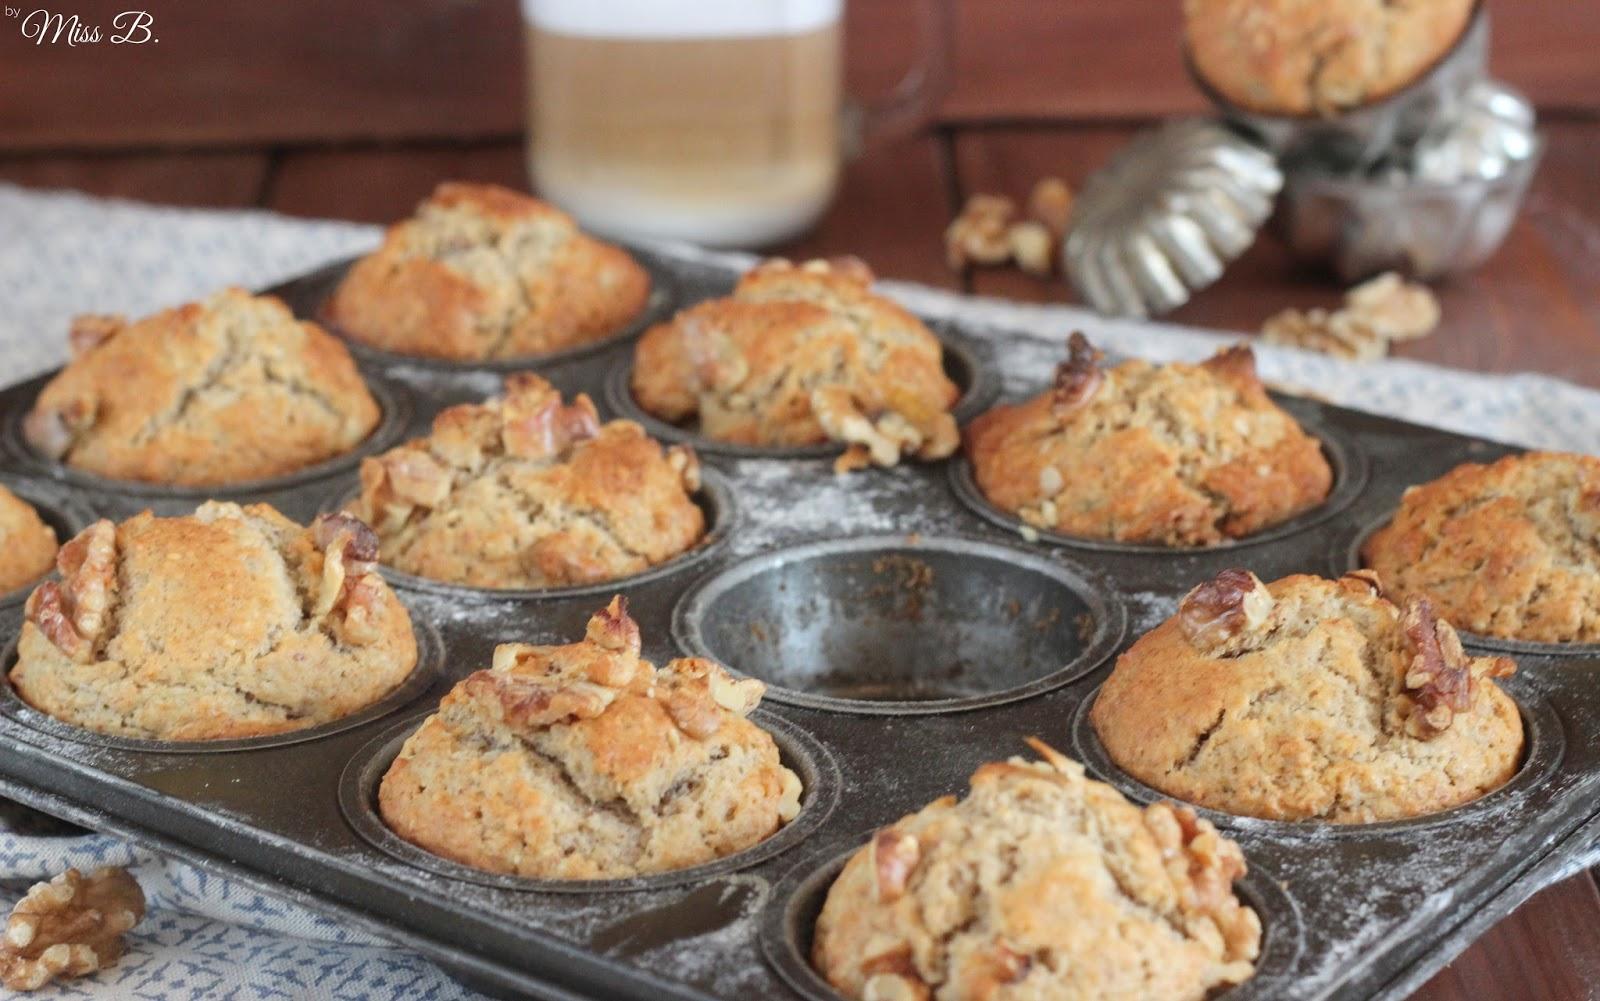 miss blueberrymuffin 39 s kitchen wie in elmo alaska bananen walnuss muffins zum fr hst ck. Black Bedroom Furniture Sets. Home Design Ideas